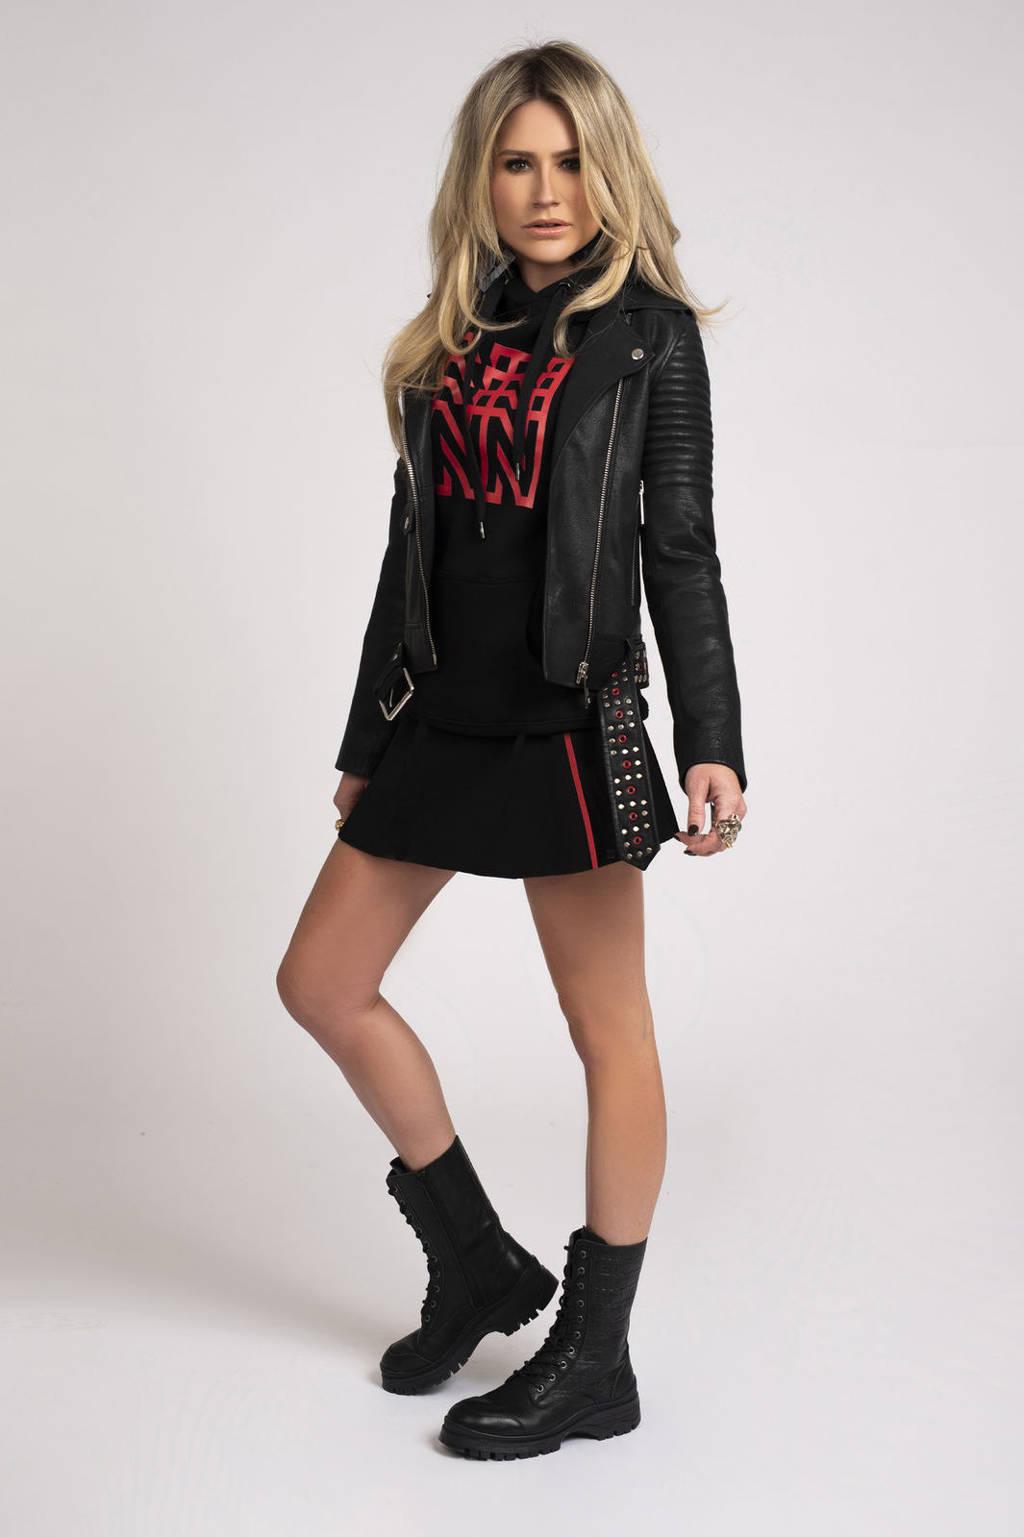 NIKKIE rok Joni met contrastbies zwart/ rood, Zwart/ rood